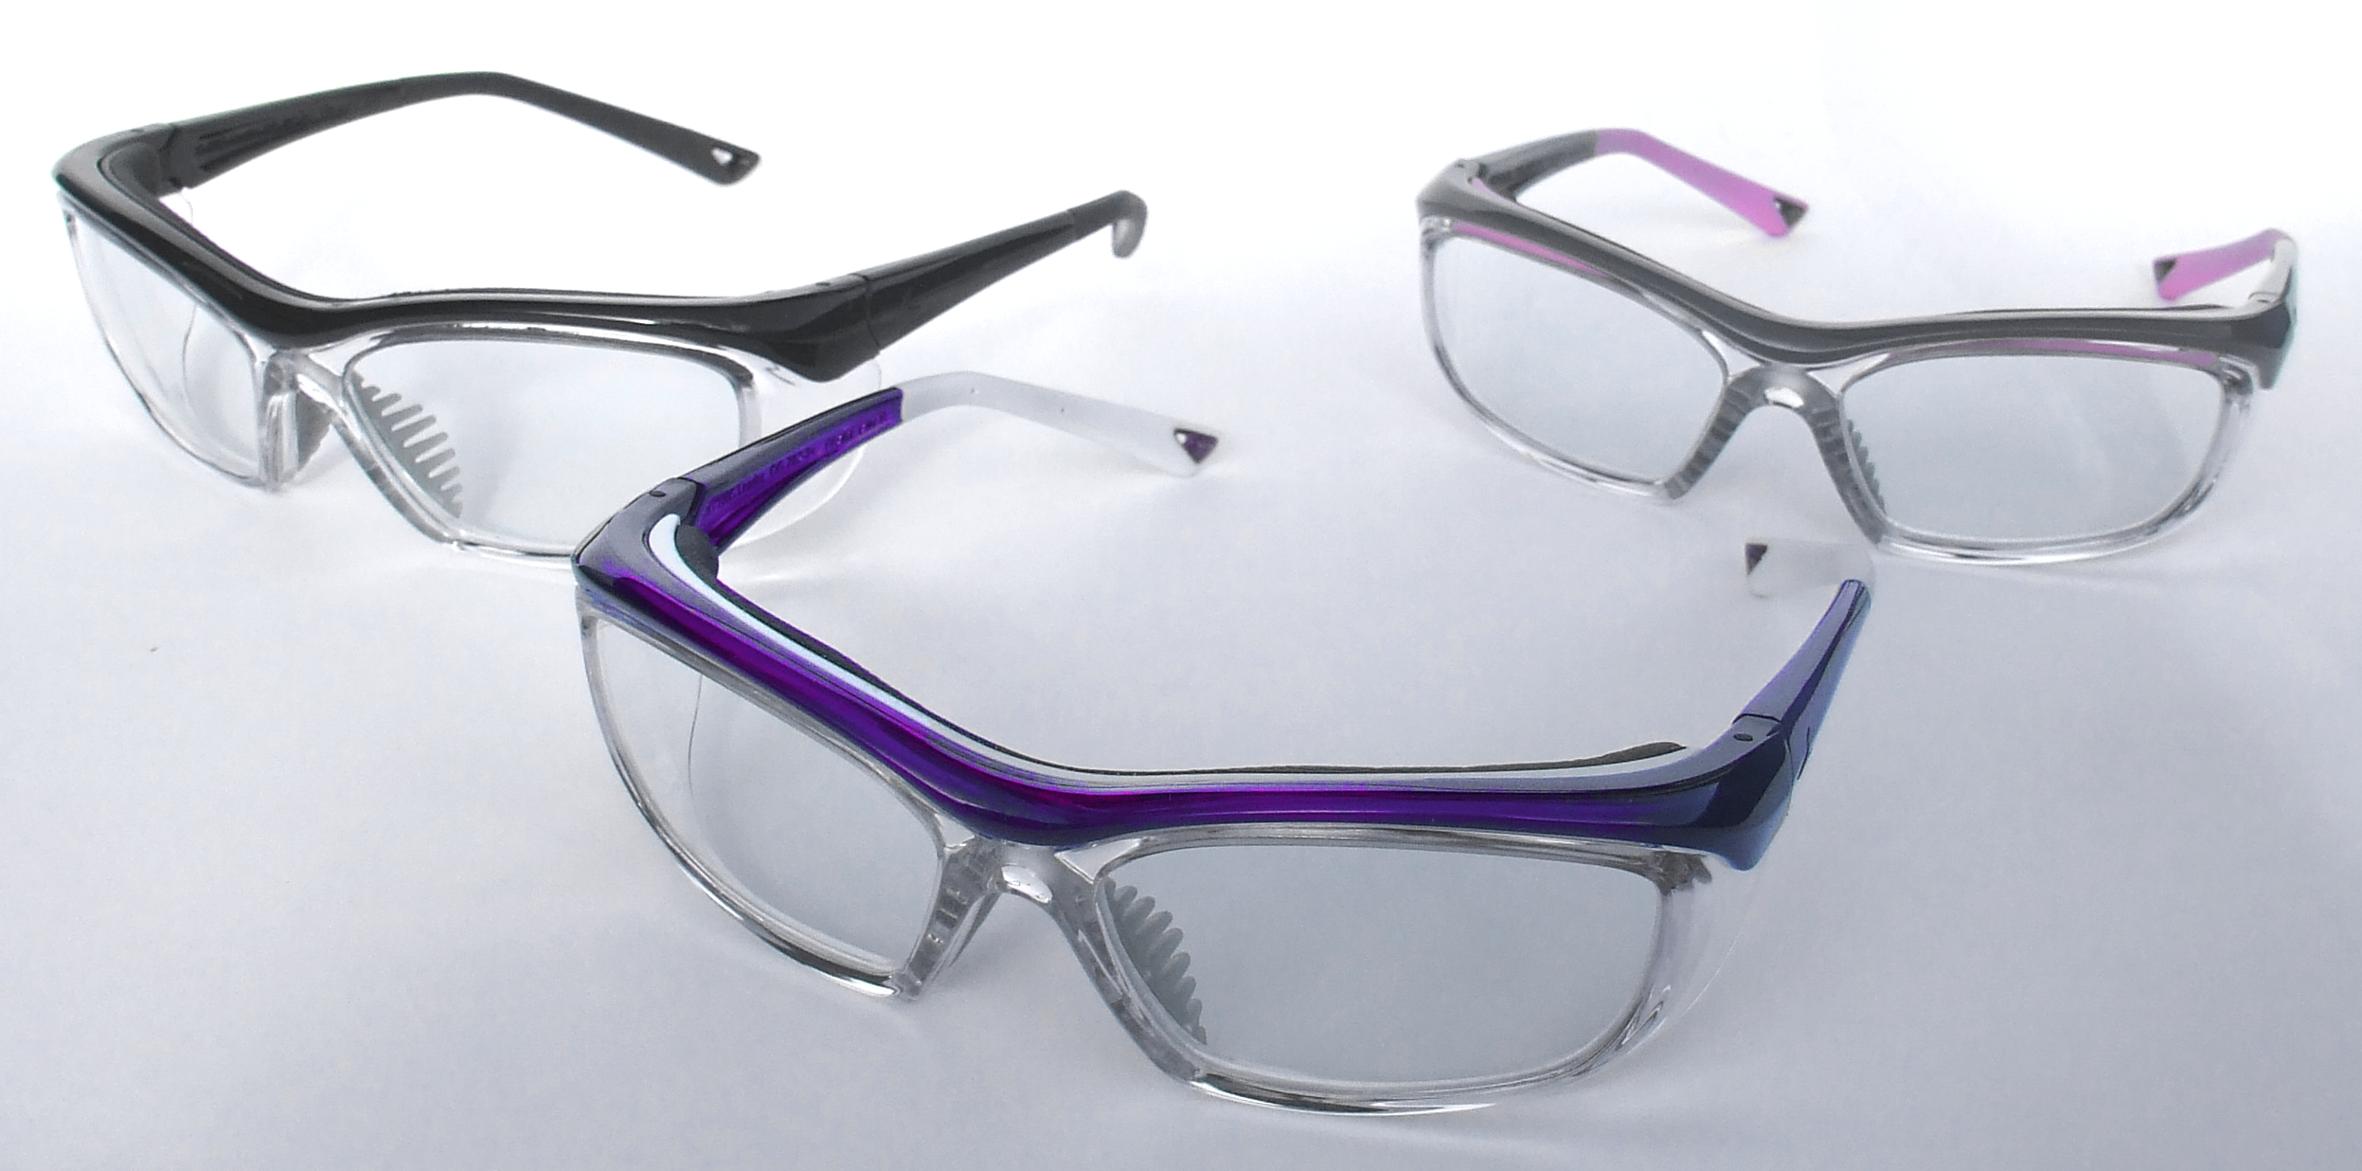 Onguard OG220 prescription safety glasses.